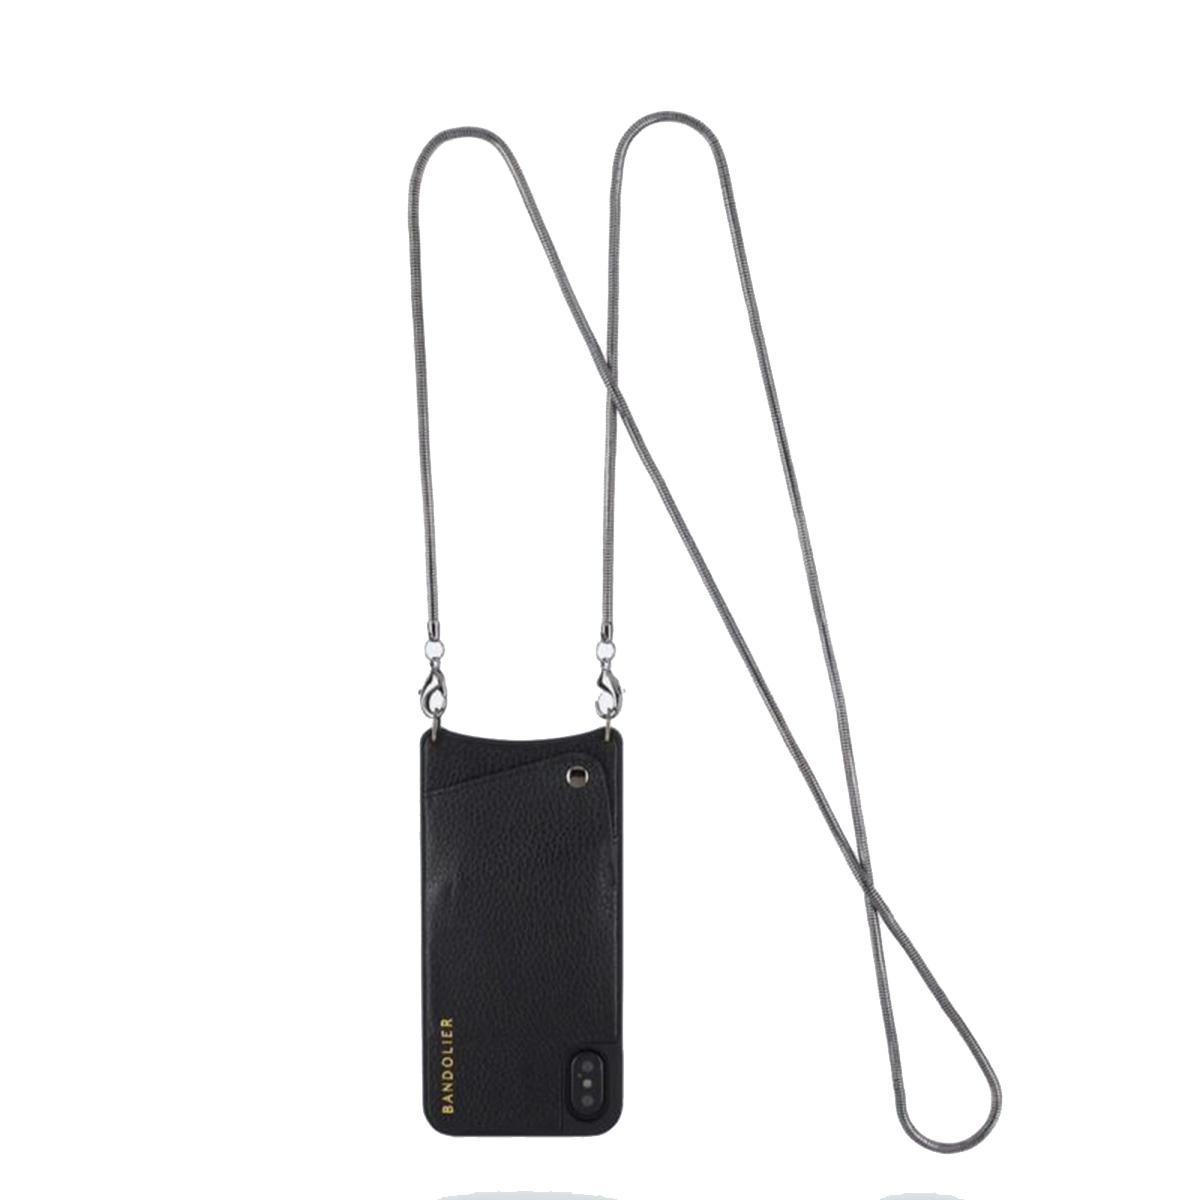 BANDOLIER BELINDA PEWTER バンドリヤー iPhone XS MAX ケース スマホ 携帯 レディース ブラック 黒 2003